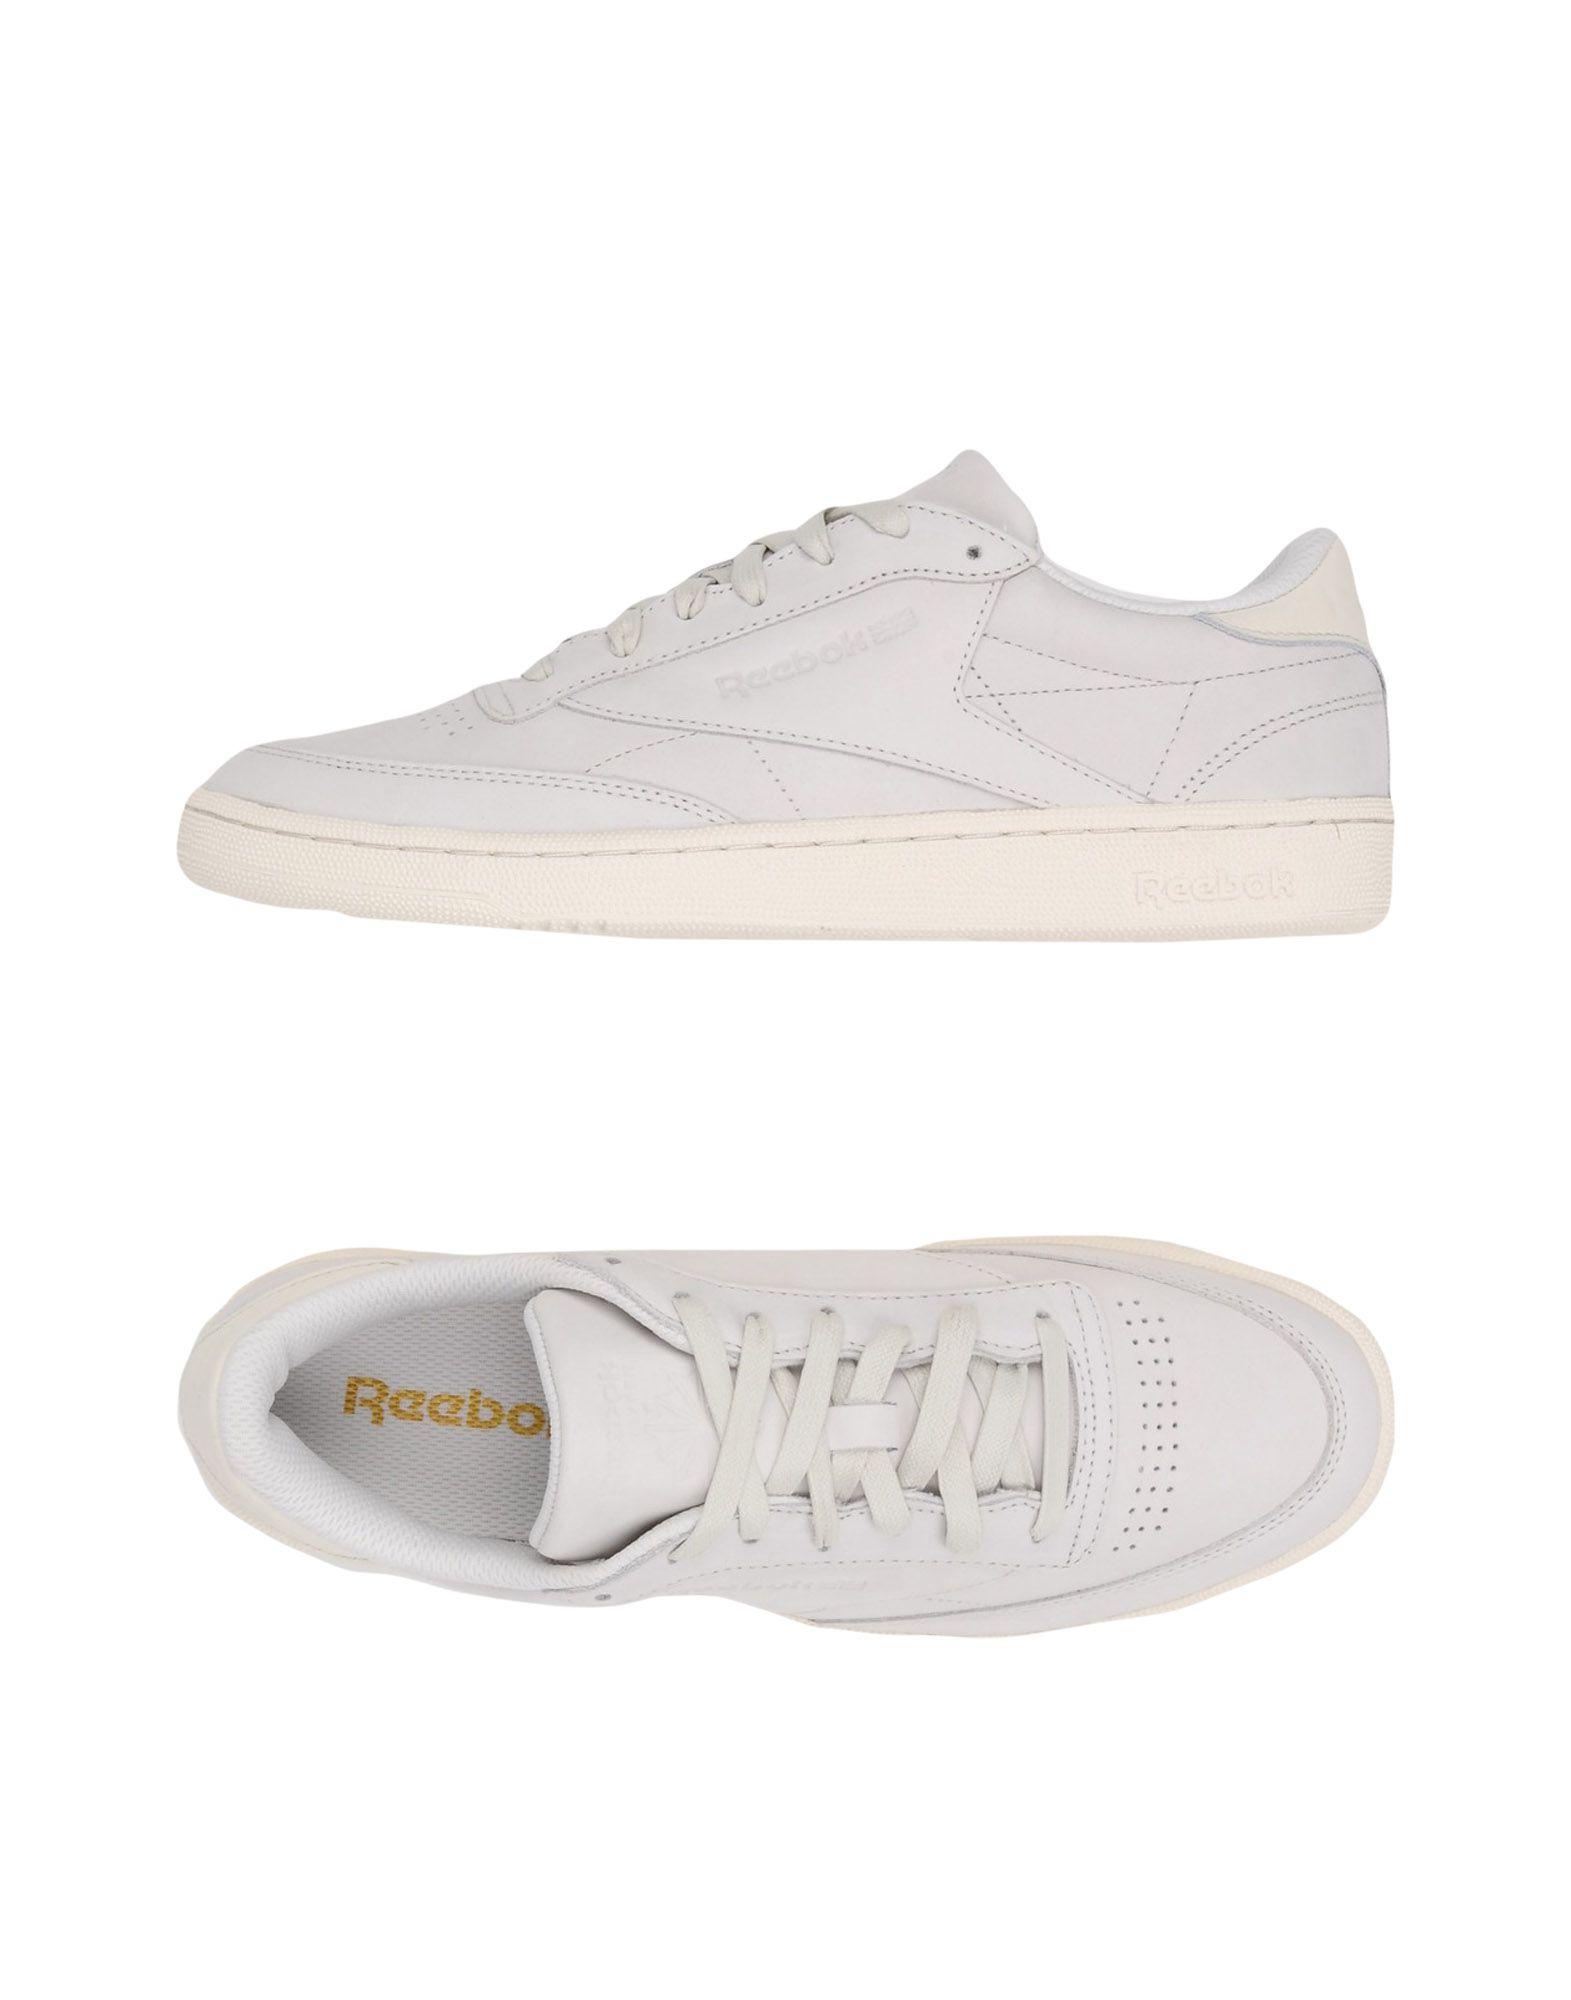 Sneakers Reebok Club C 85 Rs - Uomo - Acquista online su